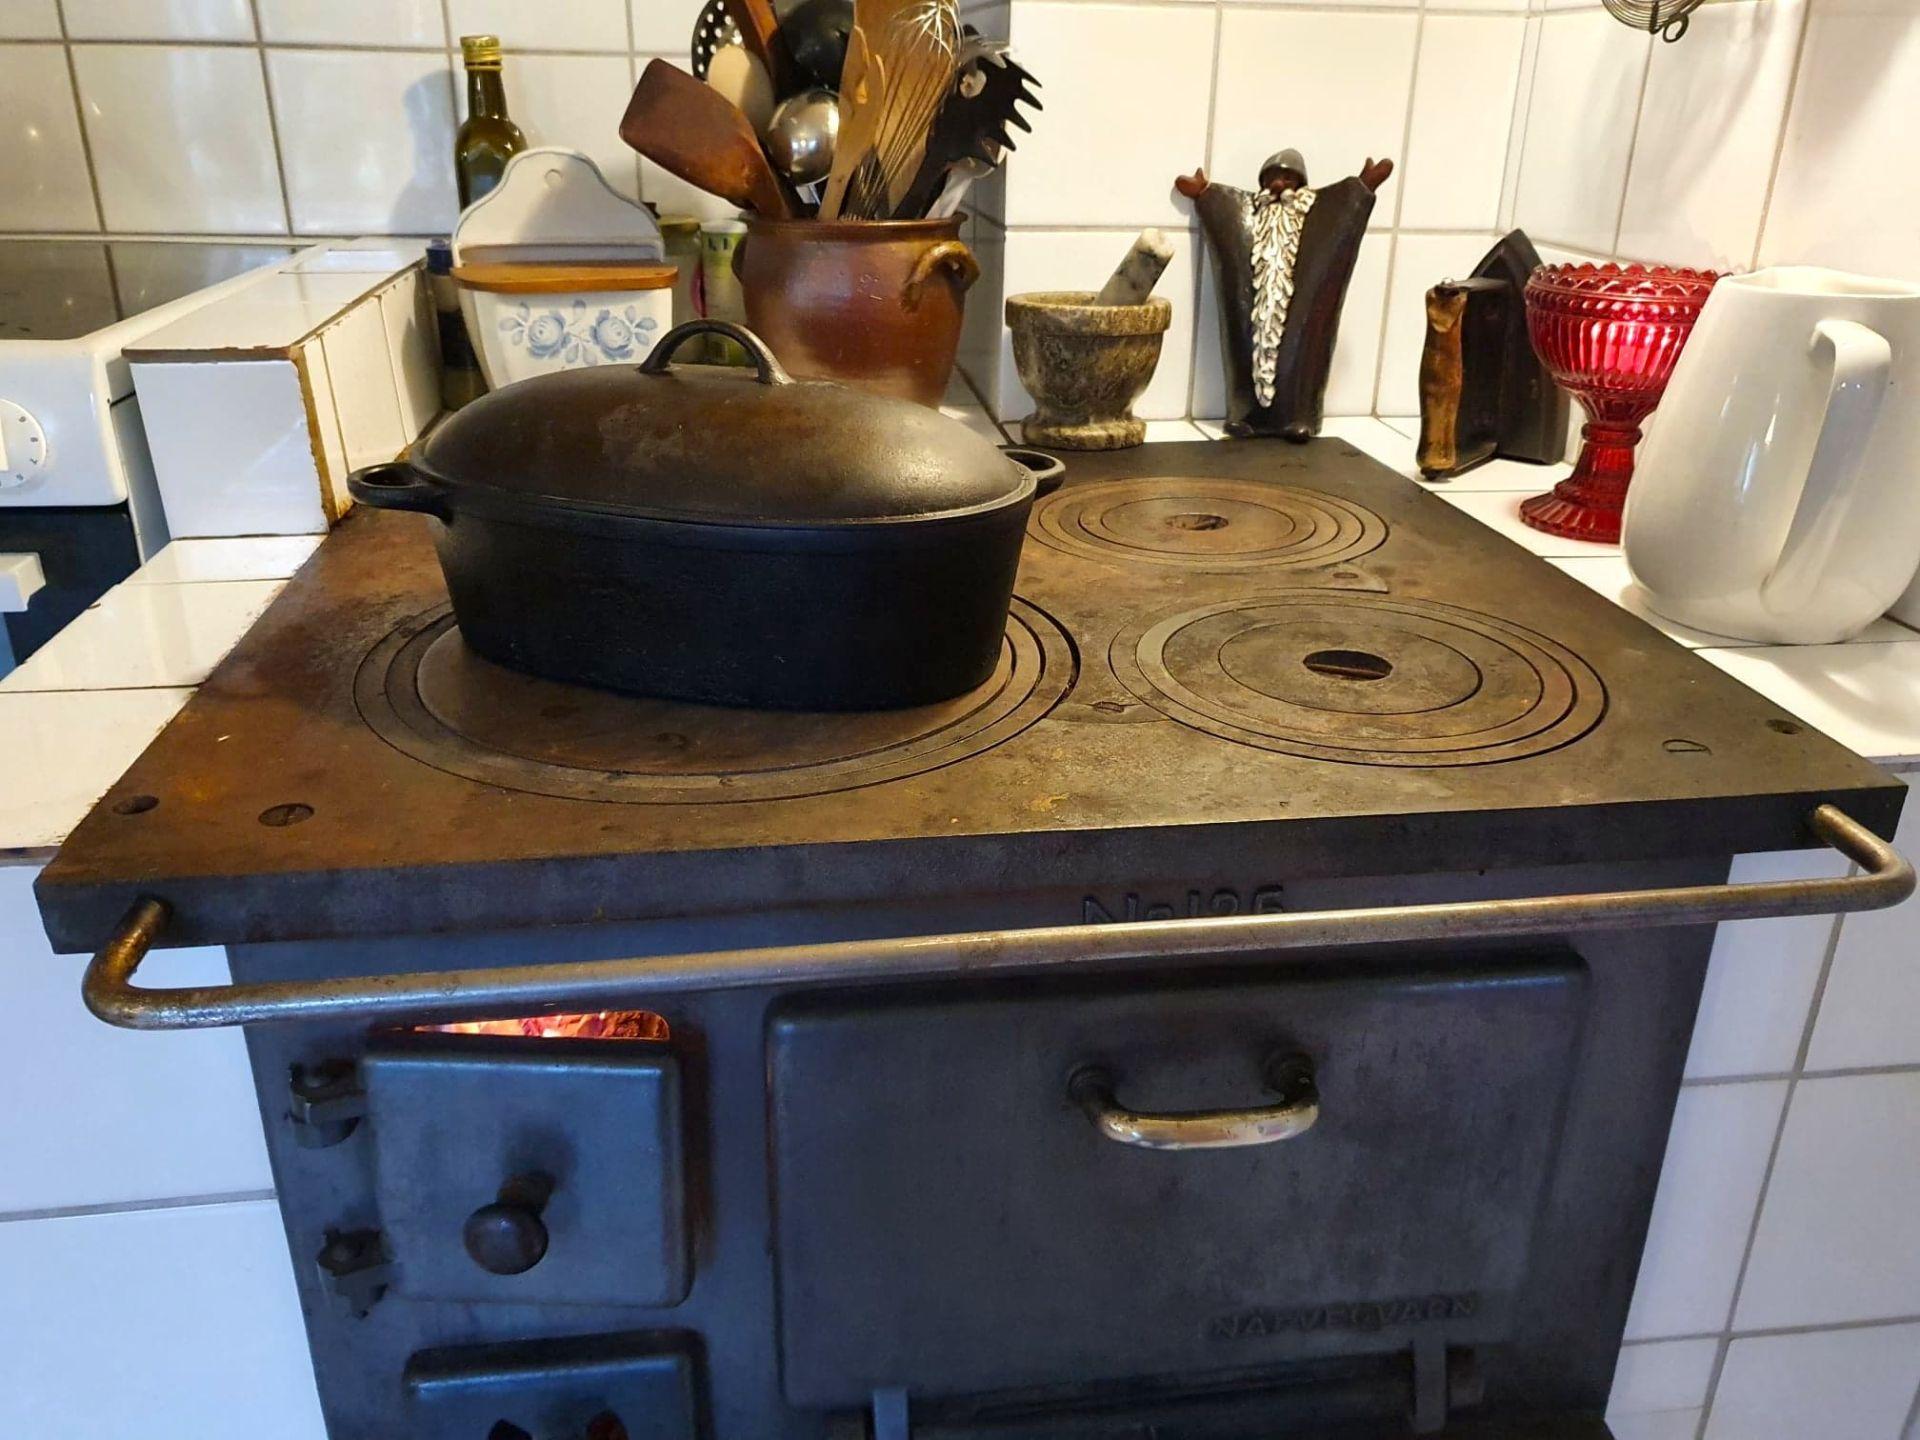 Vid vedspisen i Rötviken, middag och värme på samma gång. Foto © Maritha Grelsson.